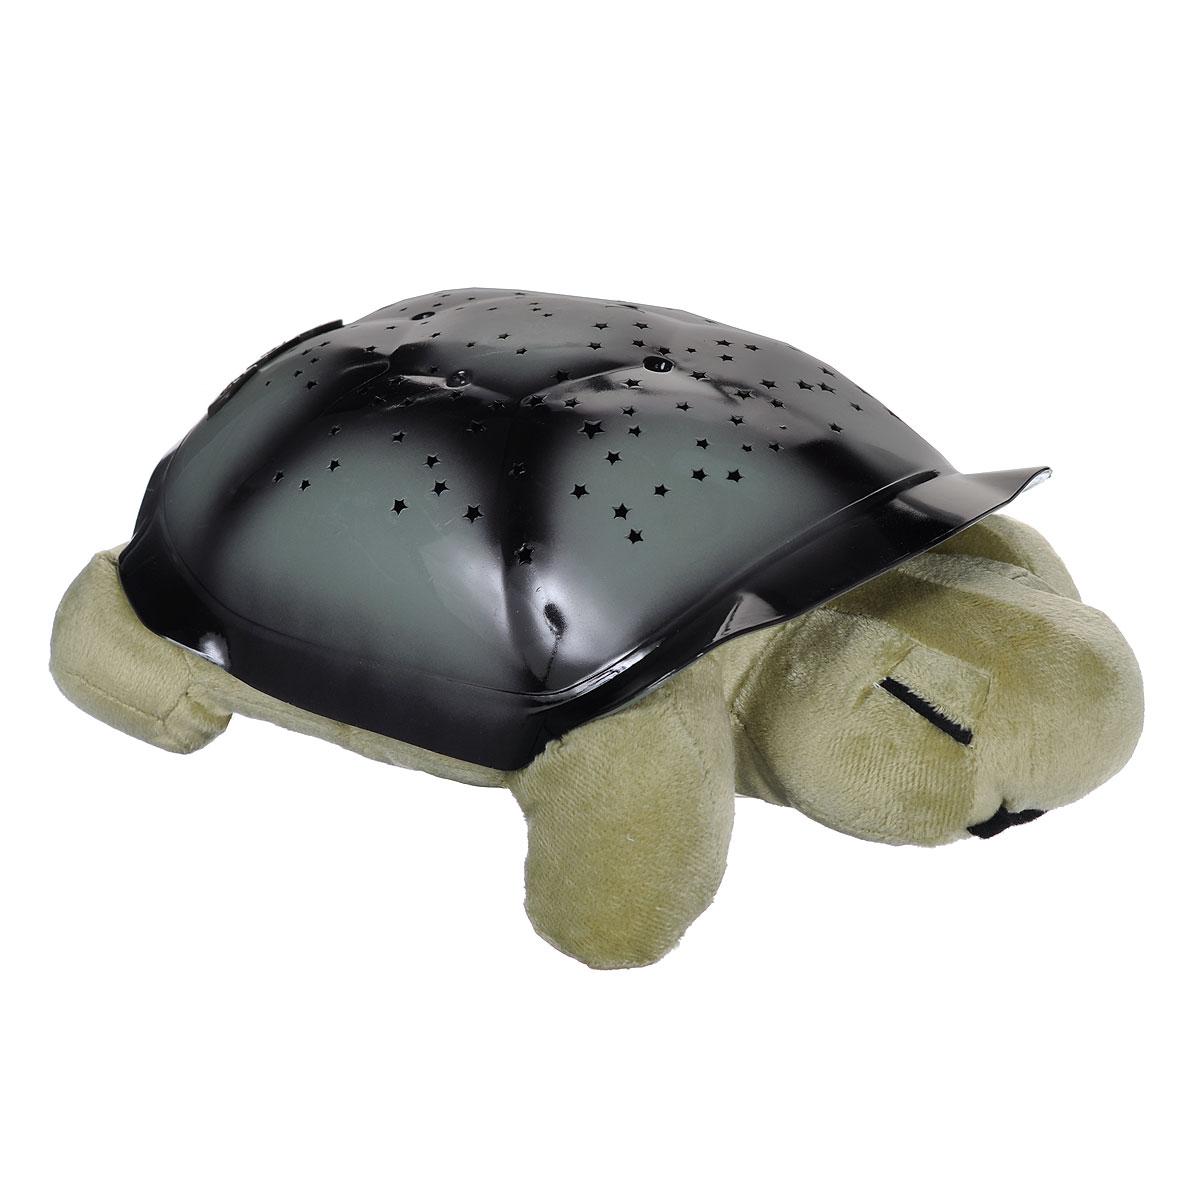 Ночник-проектор Bradex Звездная черепашка, цвет: оливковый, темно-серыйA2134PL-2WHНочник-проектор Bradex Звездная черепашка создаст волшебную атмосферу для сна ребенка.Это удивительный светильник, выполненный в форме мягкой игрушки-черепашки. Дизайн игрушки наверняка сразу понравится вашему малышу и завоюет его безграничную любовь. Благодаря своему волшебному панцирю черепашка имеет возможность проецировать на потолок и стену карту звездного неба (8 созвездий). Ночник может работать в трех цветовых режимах, с подсветкой синего, зеленого и янтарного цветов. Для переключения режима подсветки на панцире черепахи расположены специальные кнопки. Ночник автоматически отключается через 50 минут работы.В комплект входит инструкция по эксплуатации на русском языке, на обратной стороне которой вы найдете описание созвездий, что позволит вам и вашему ребенку вместе изучать звездное небо, развивая кругозор вашего малыша.Необходимо докупить 3 батарейки напряжением 1,5V типа ААА (не входят в комплект).